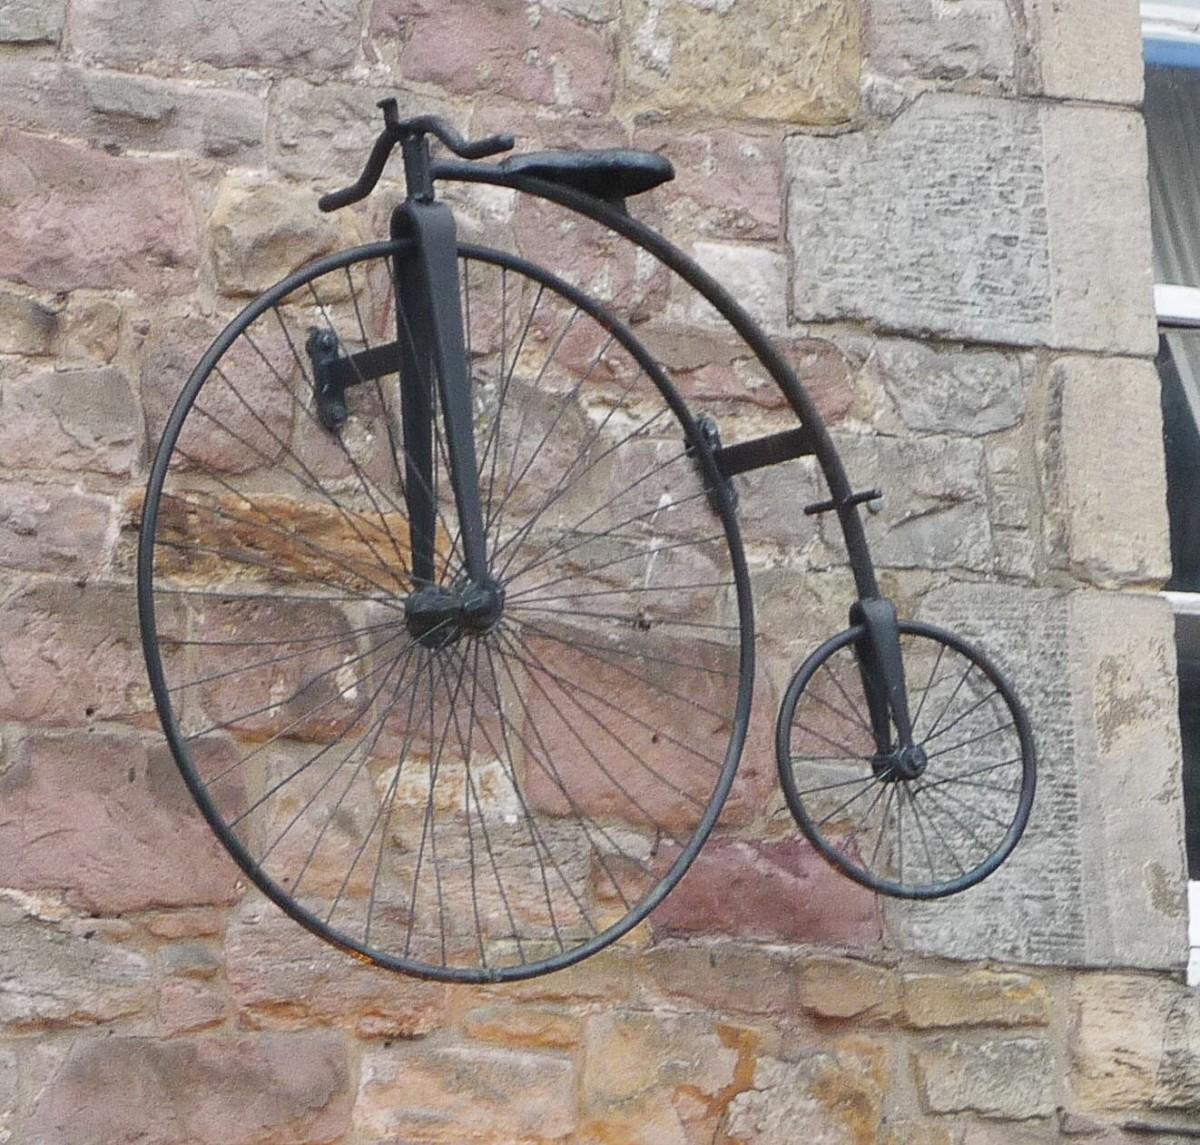 A penny-farthing in Edinburgh